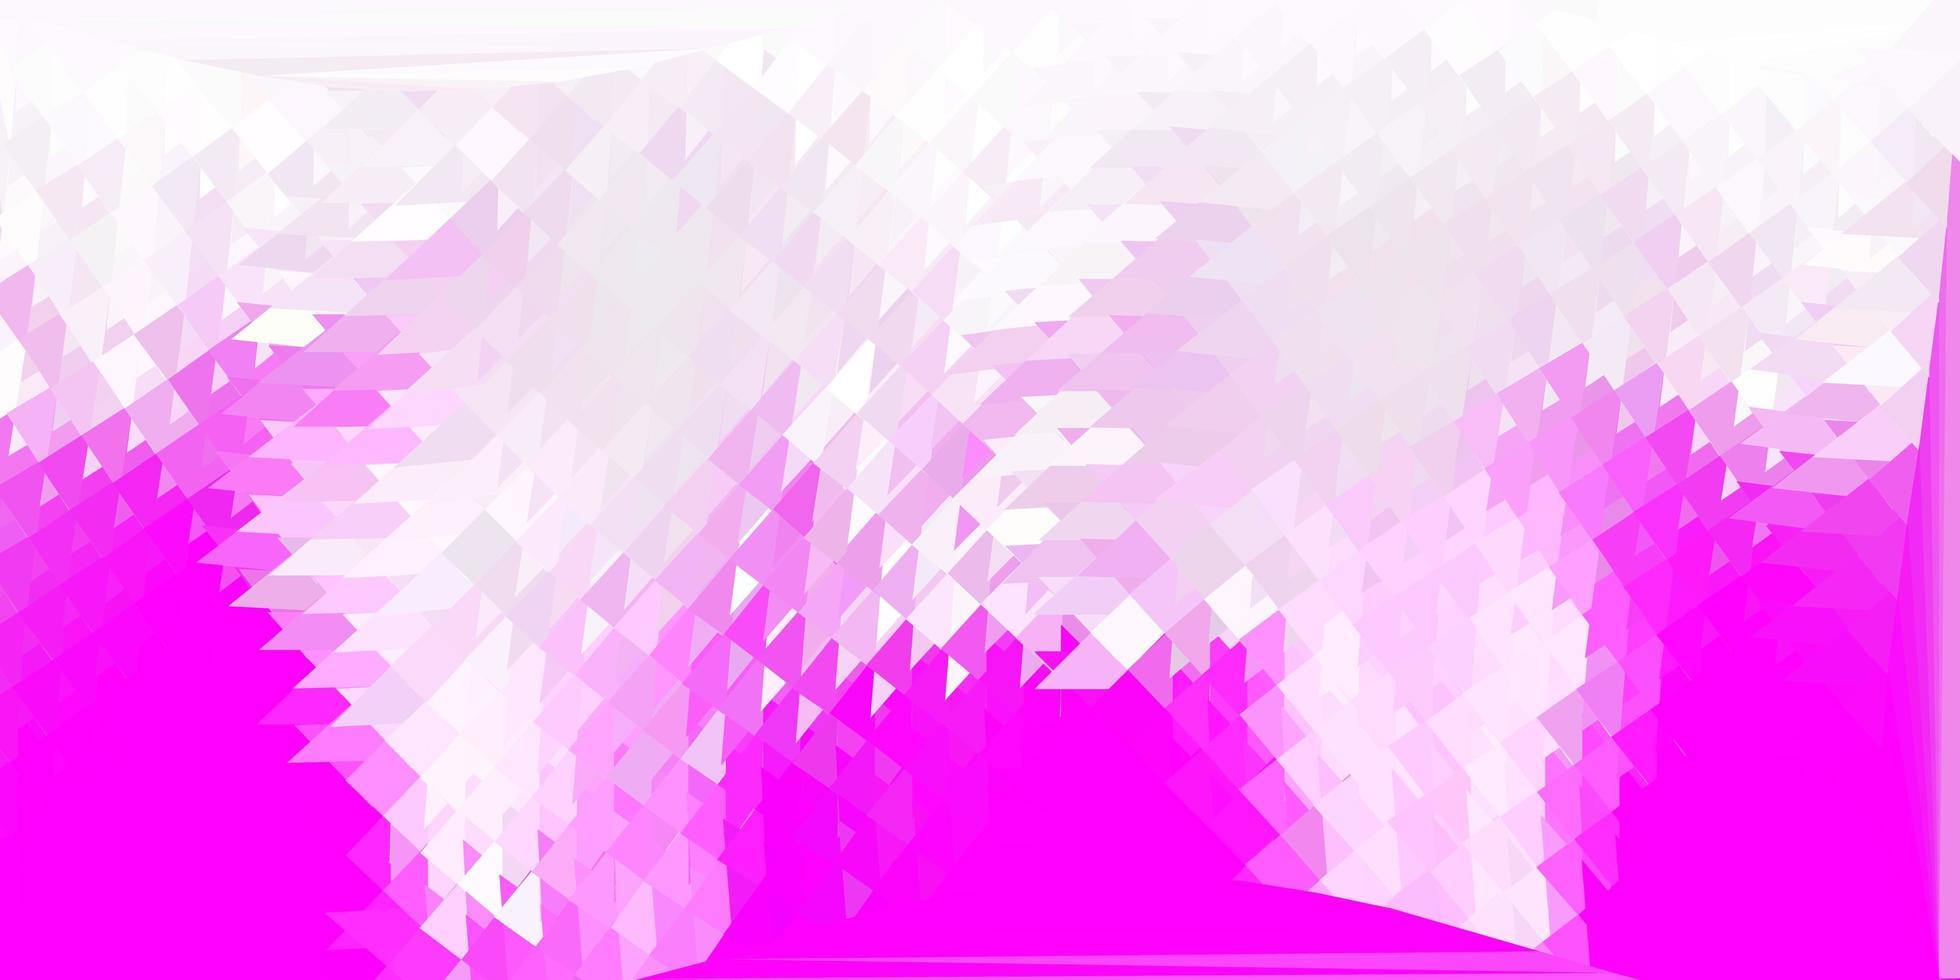 disposition de triangle poly vecteur rose clair.